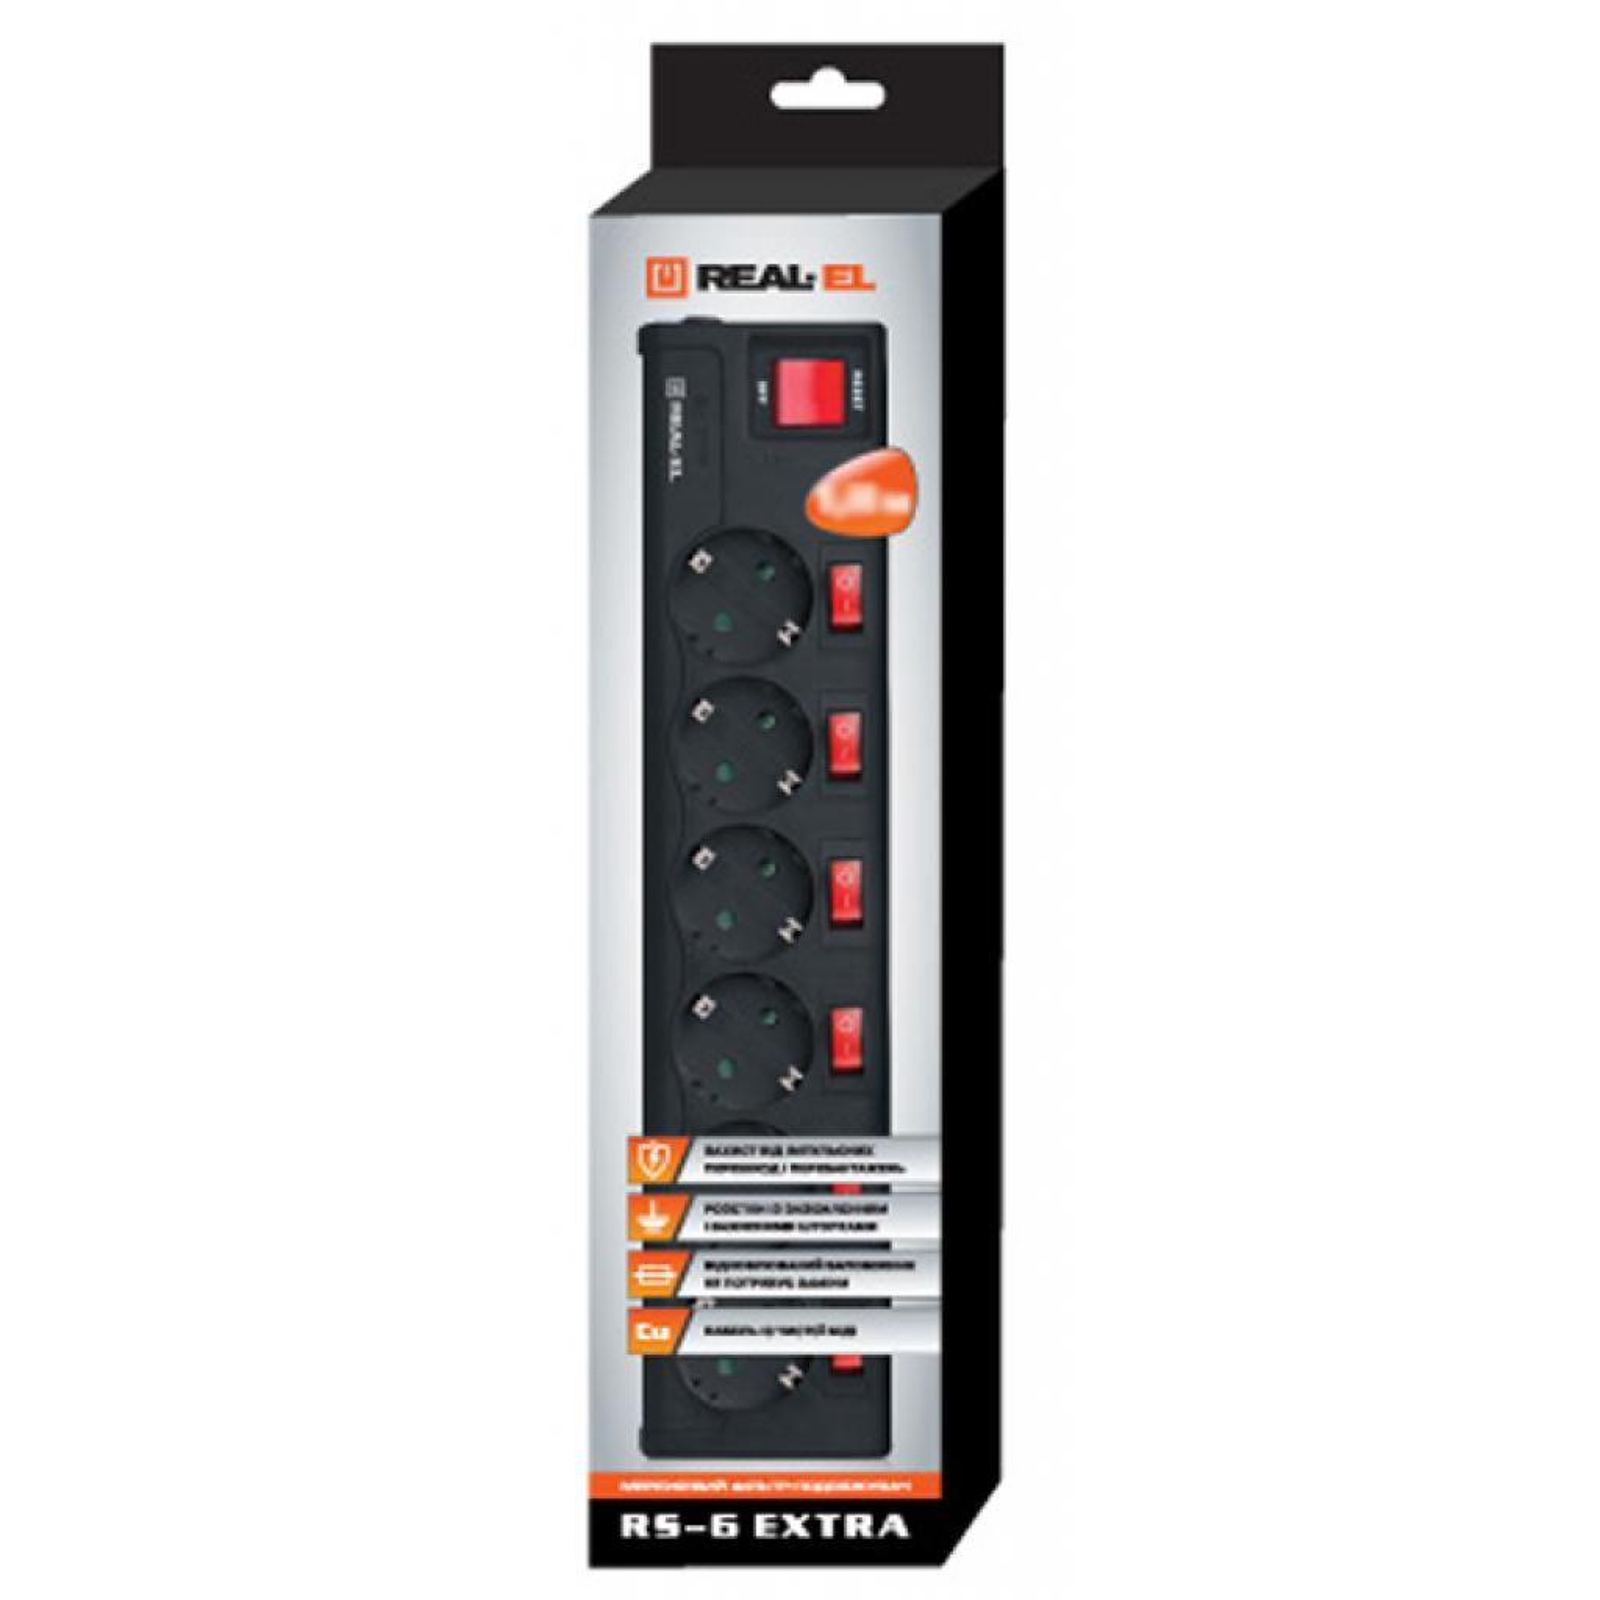 Сетевой фильтр питания REAL-EL RS-6 EXTRA 3m, black (EL122300002) изображение 2